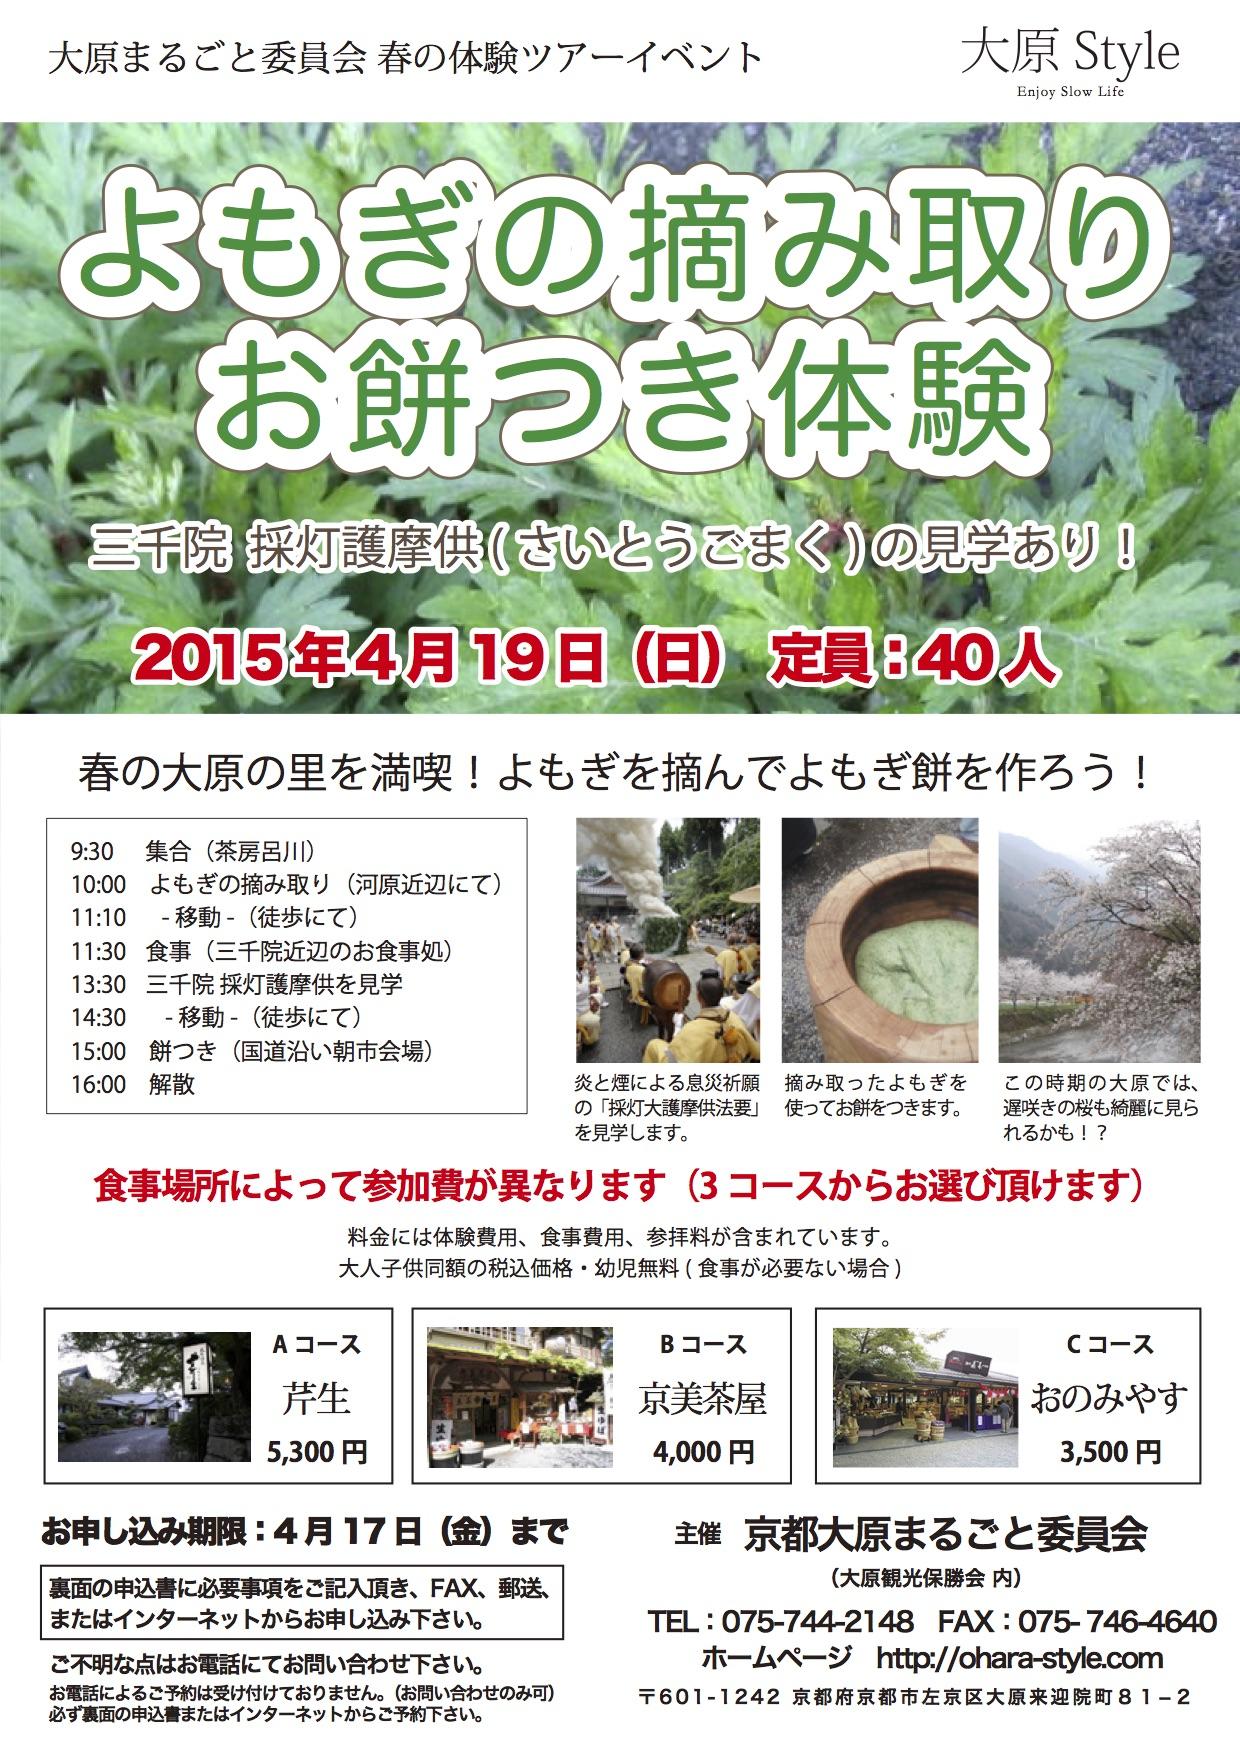 4/19(日)春の体験イベント「よもぎの摘み取りとお餅つき体験」